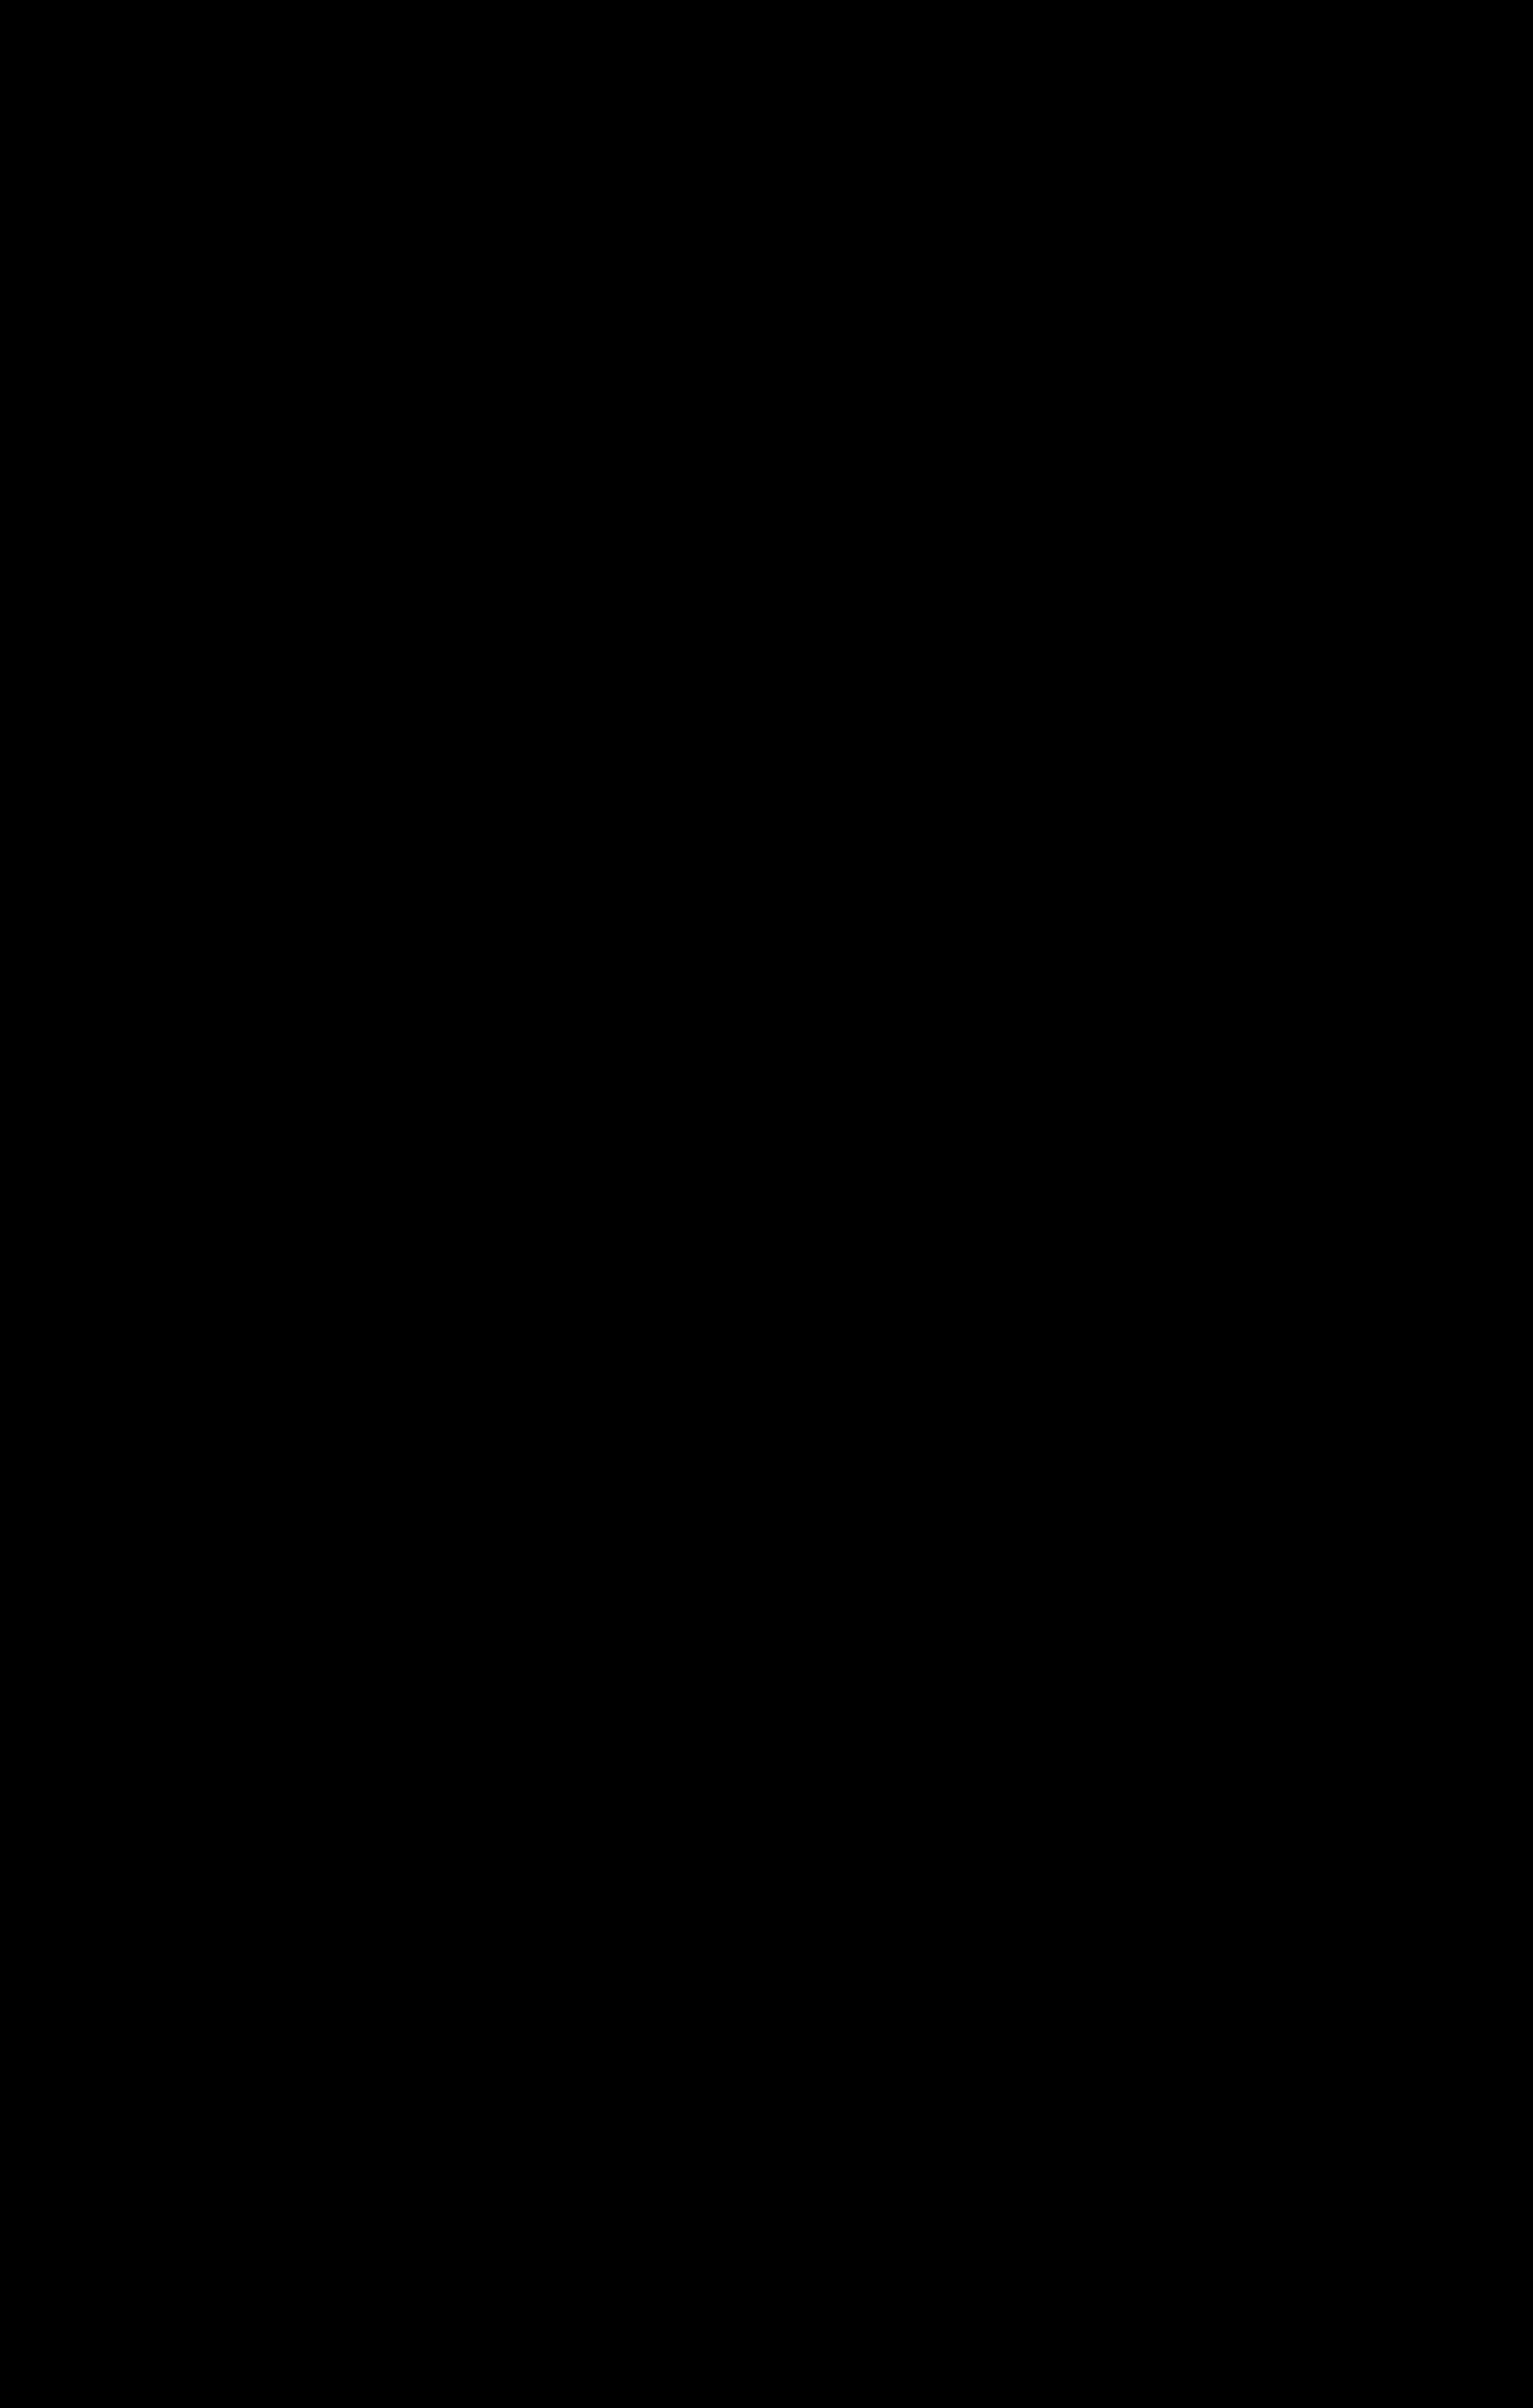 Kuchyňská baterie SCHOCK KAVUS WHITE GOLD 559120